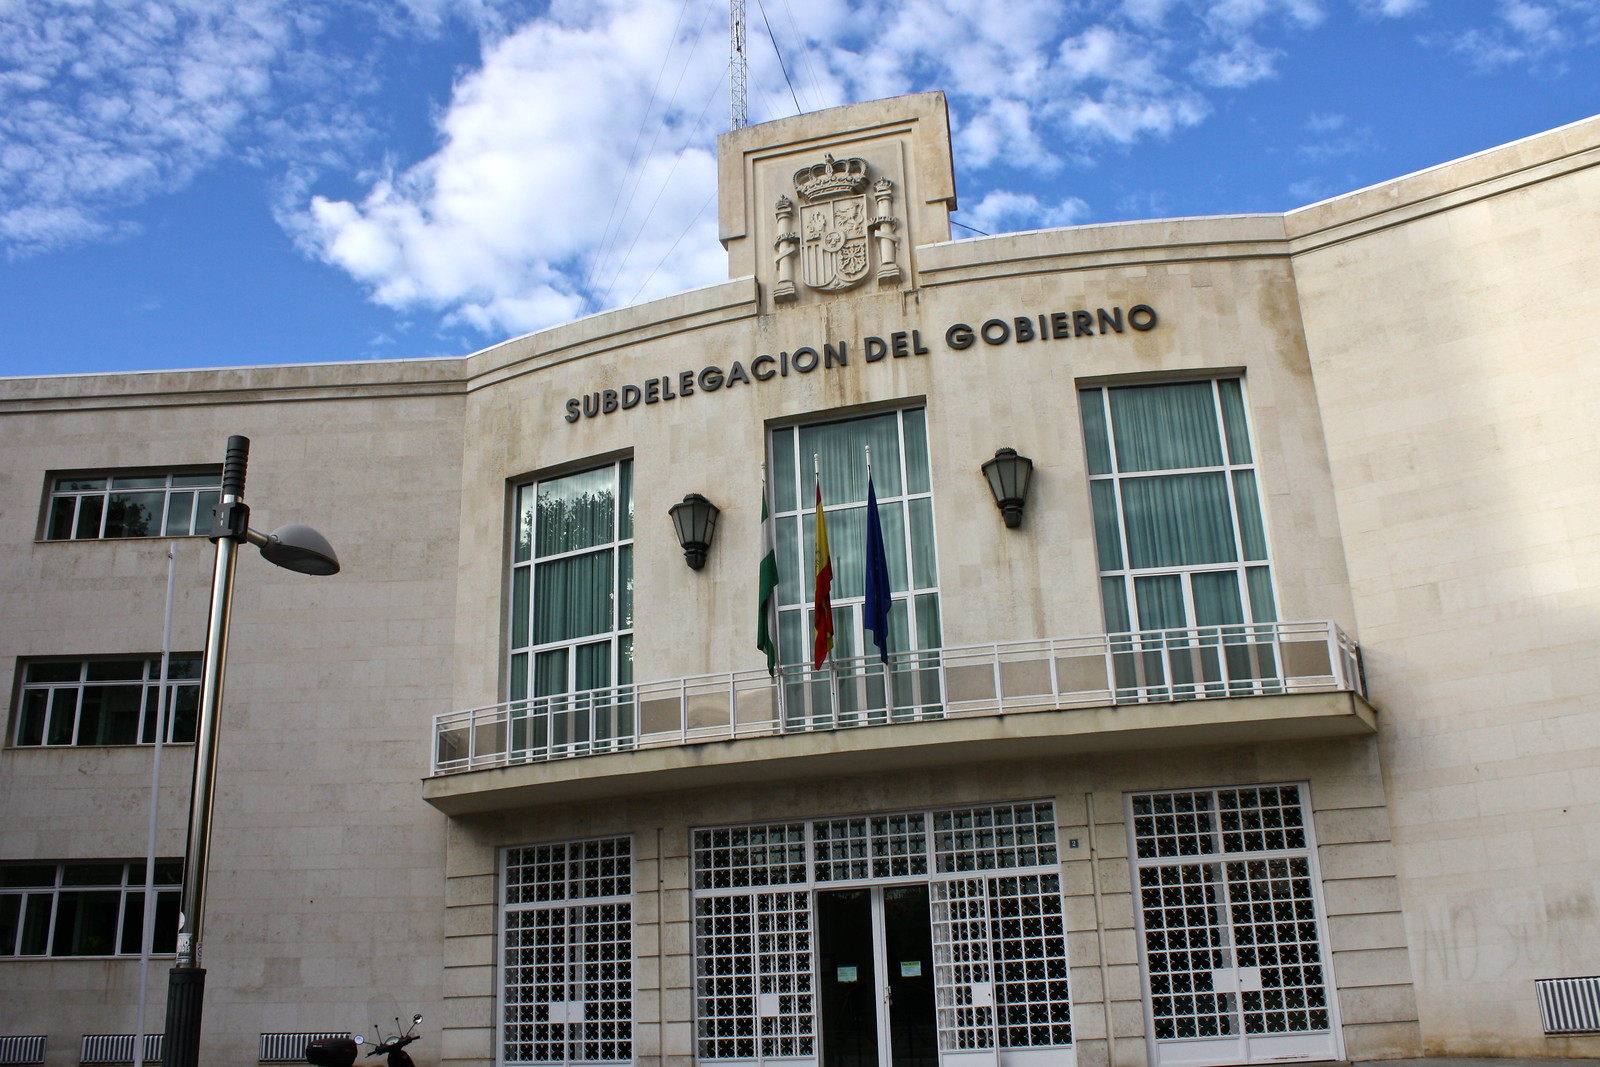 Subdelegación del Gobierno, Jaén, Spain